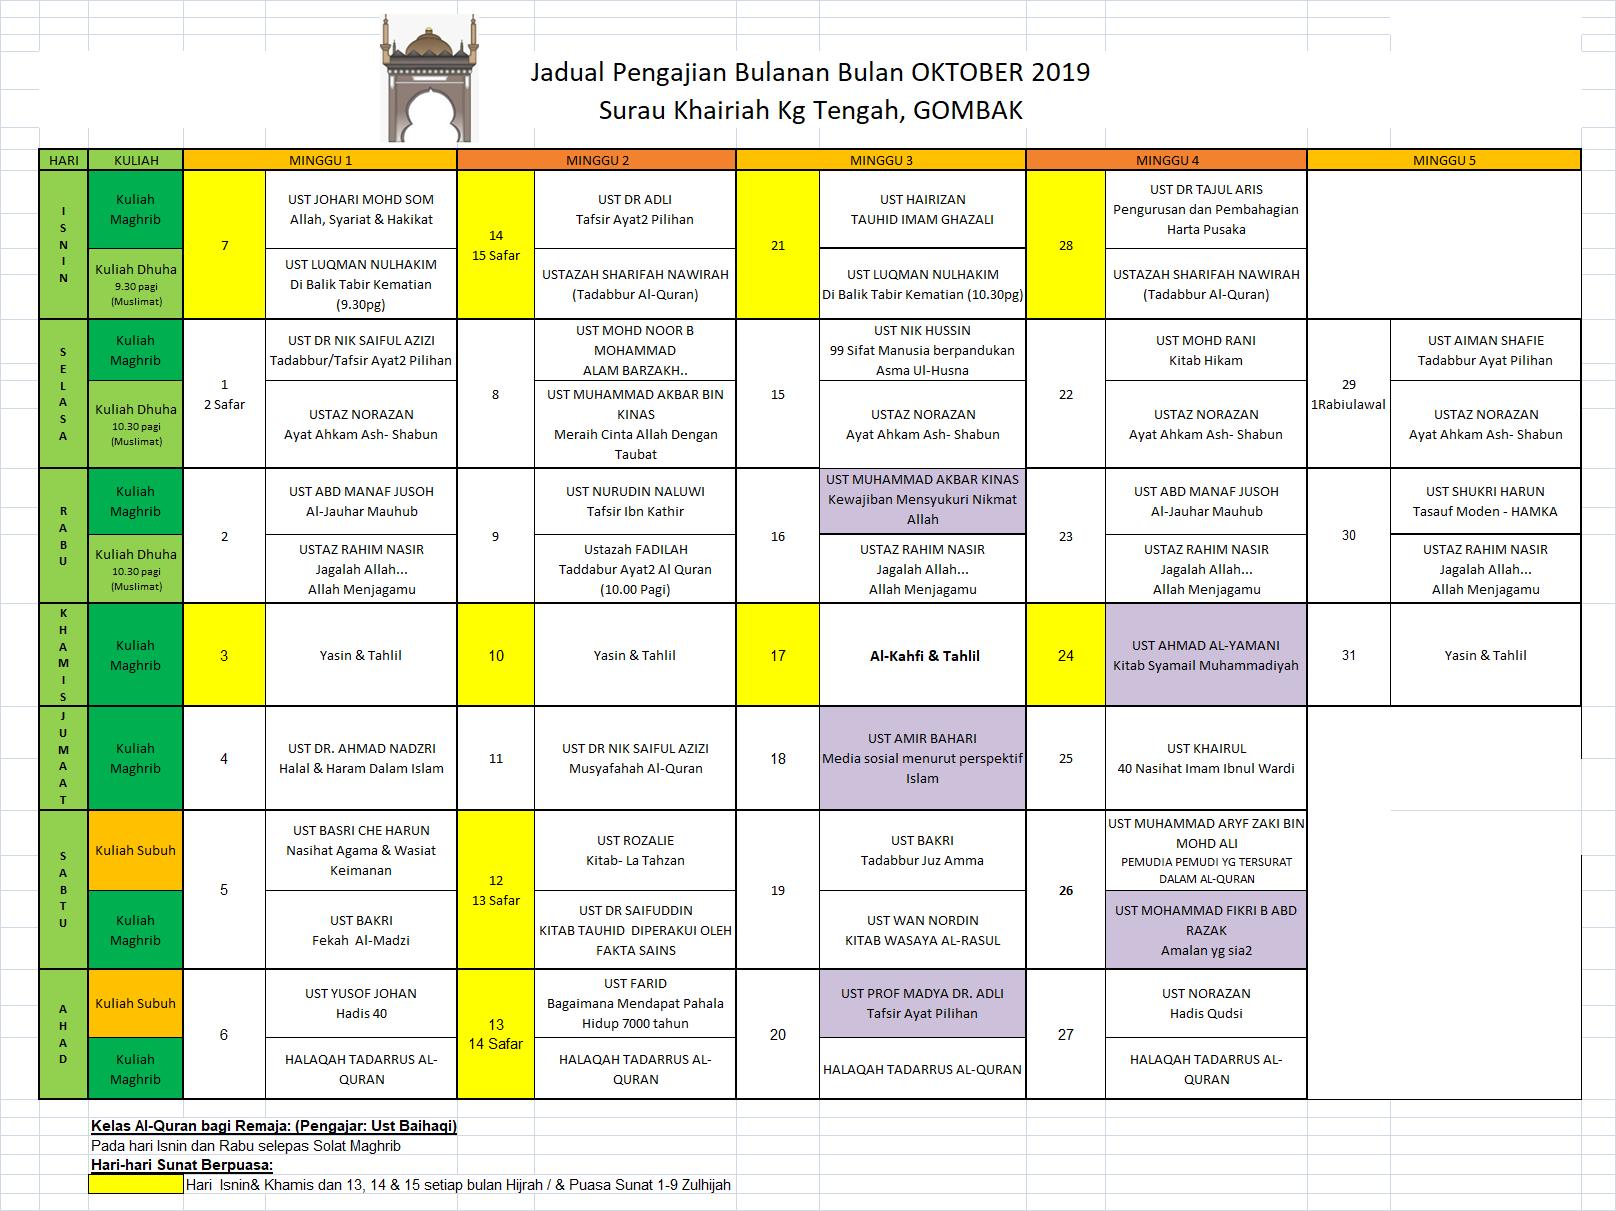 Jadual Okt 2019